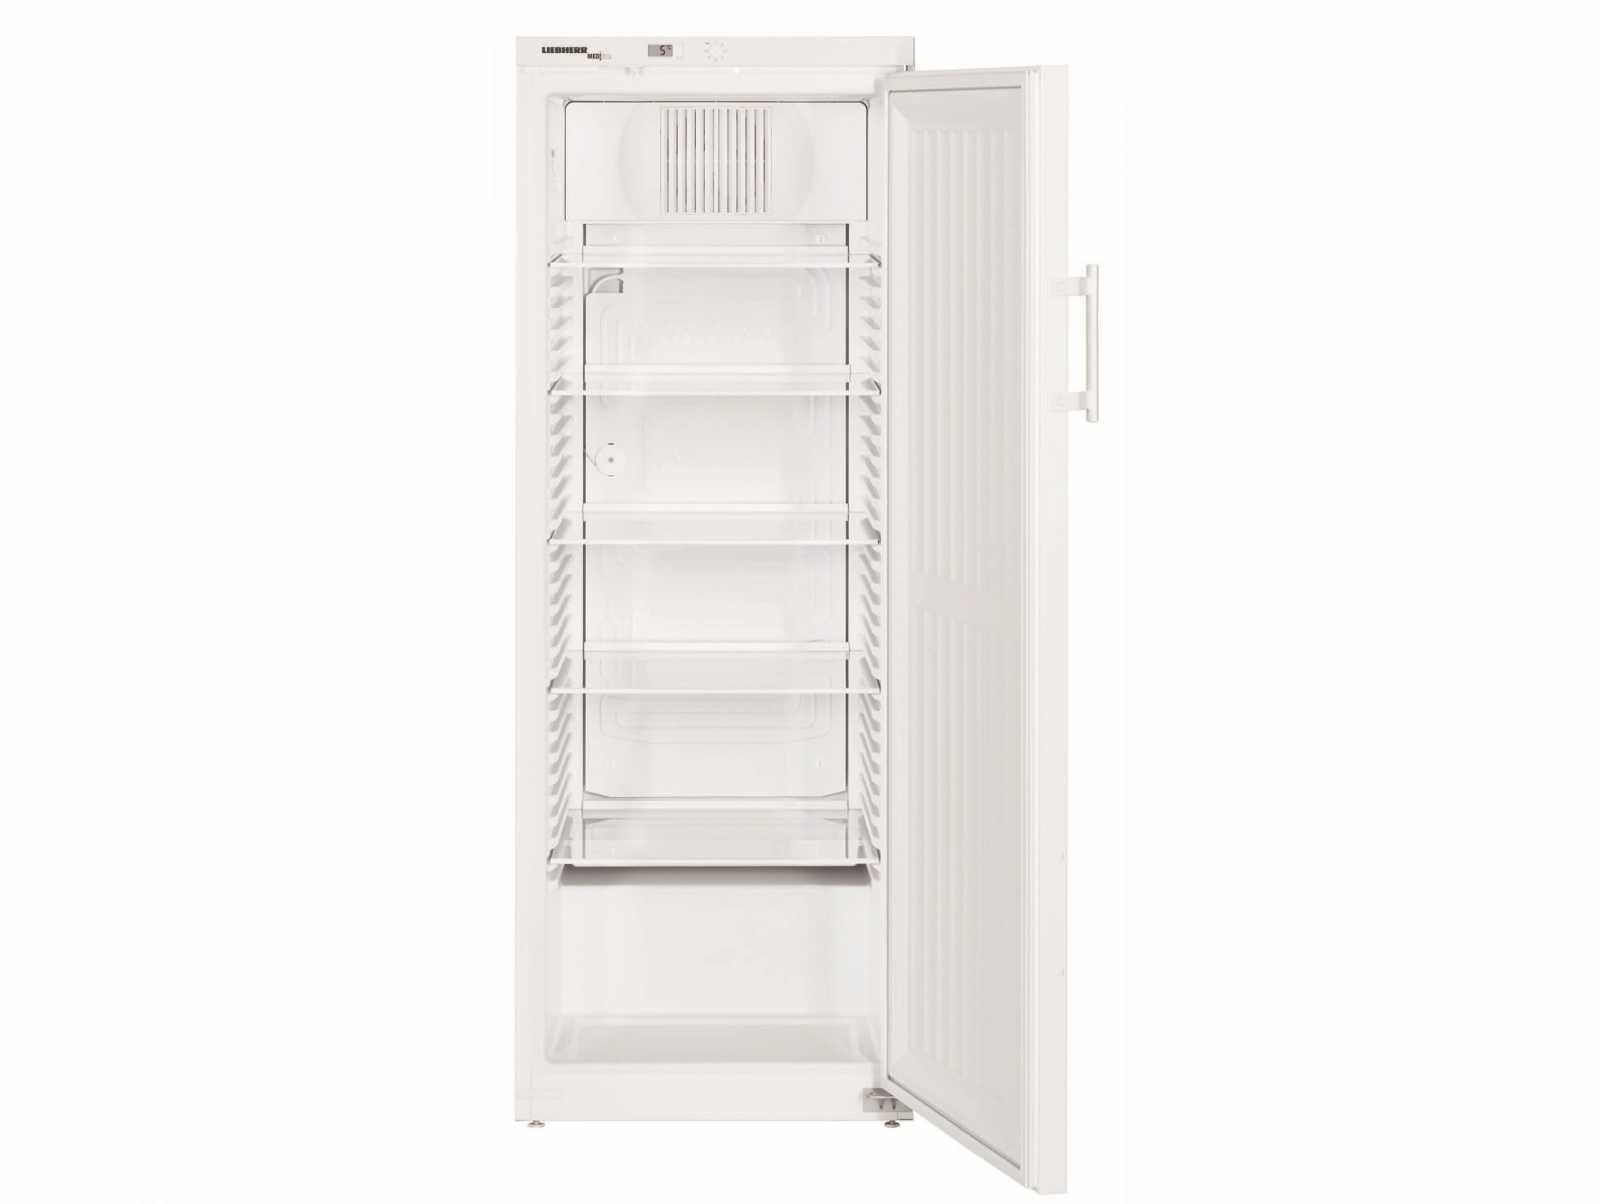 купить Лабораторный холодильный шкаф Liebherr LKexv 3600 Украина фото 0